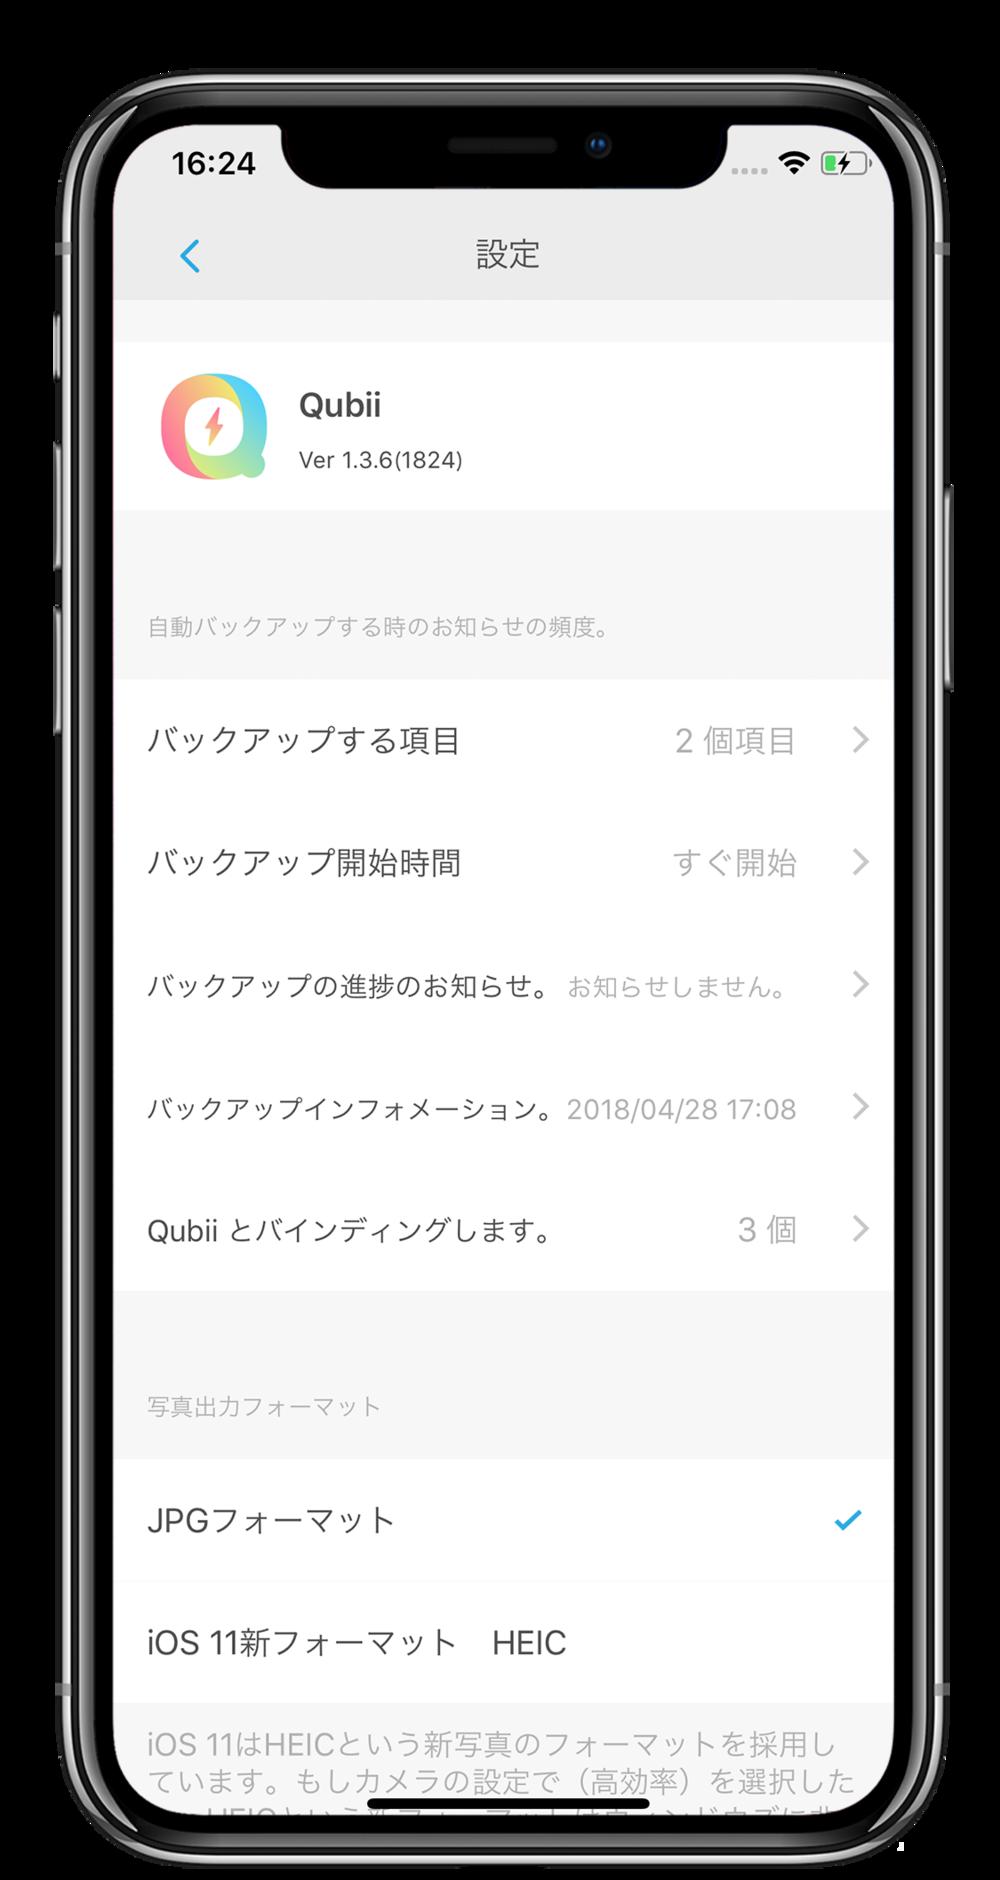 スマート設定でバックアップ - スマートバックアップ機能で、あなたはバックアップ項目を設定できます。✓アルバム ✓連絡先 ✓フェイスブック/IG/Filckrの内容ご自身で自動バックアップの起動時間を決められます。自分の都合により最適なバックアップ項目を設定できます。